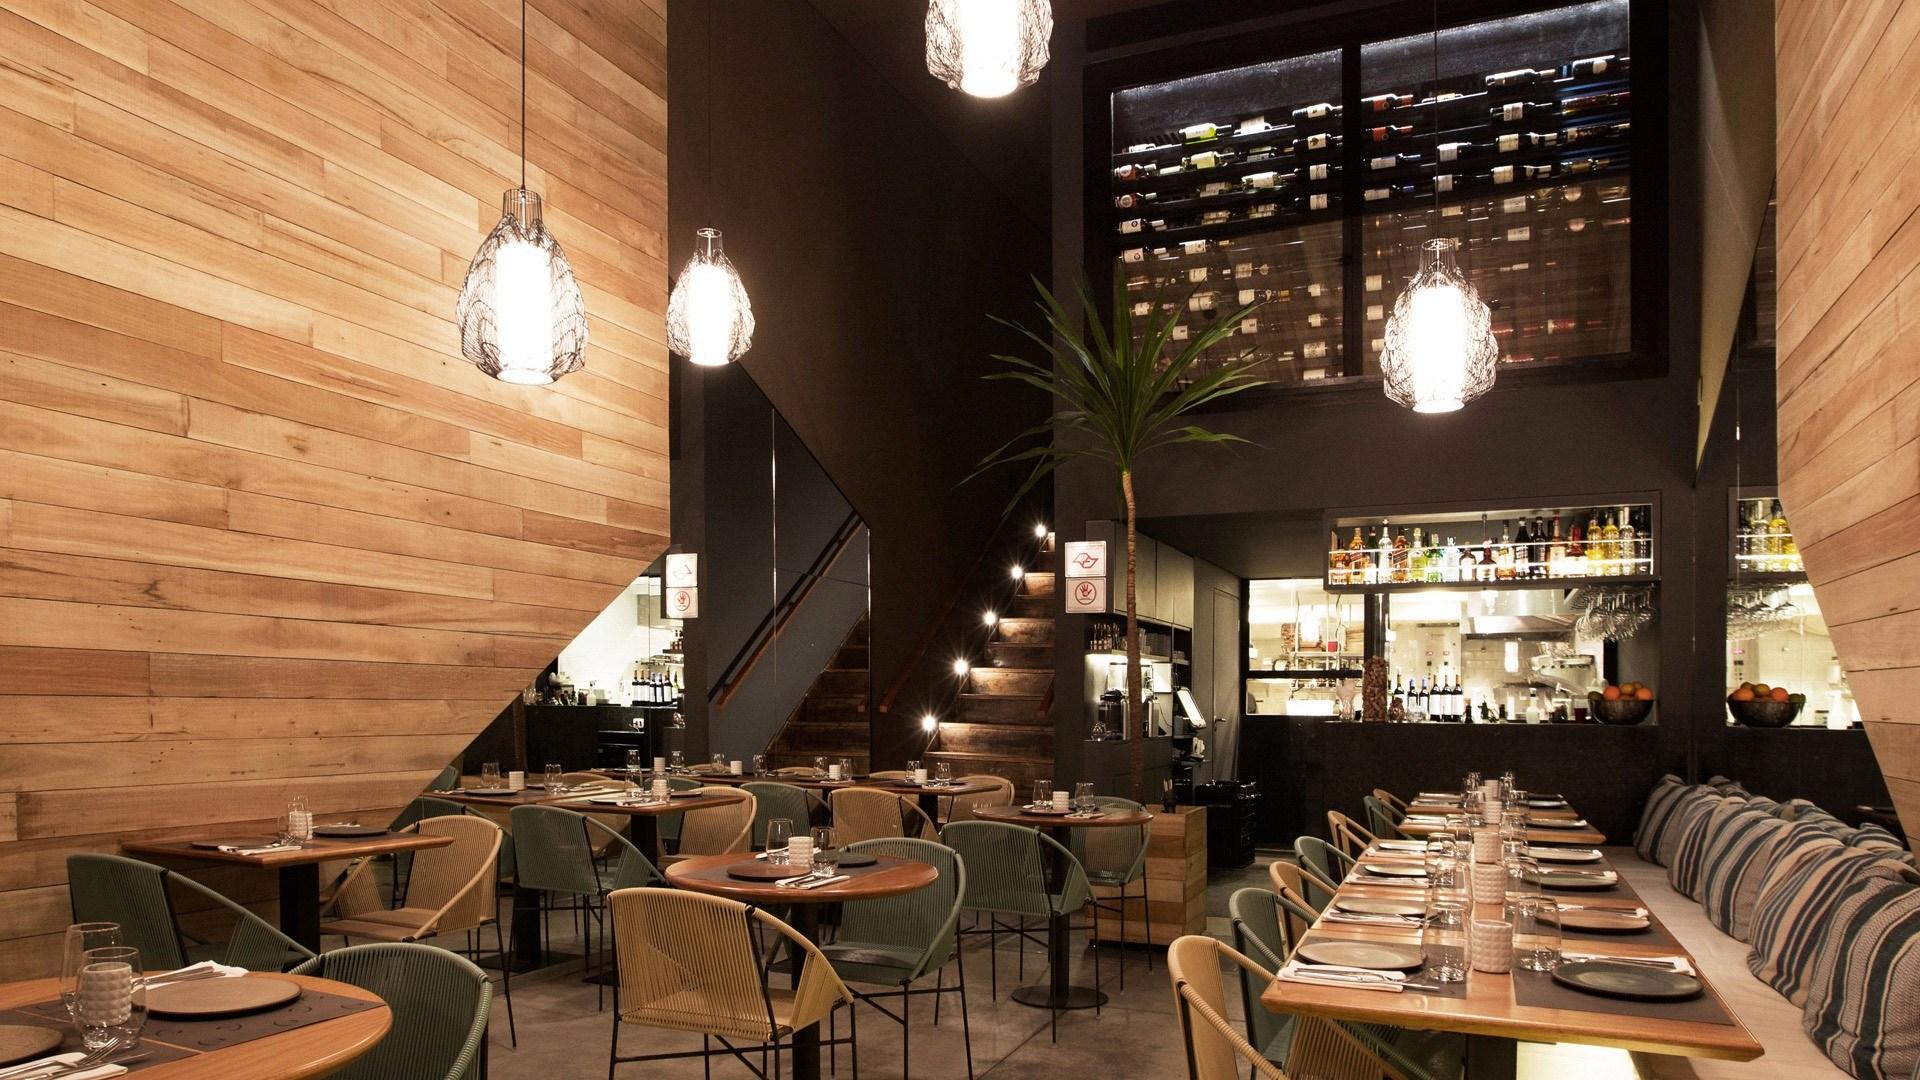 16.restaurante-tanit-interna-noturna-21